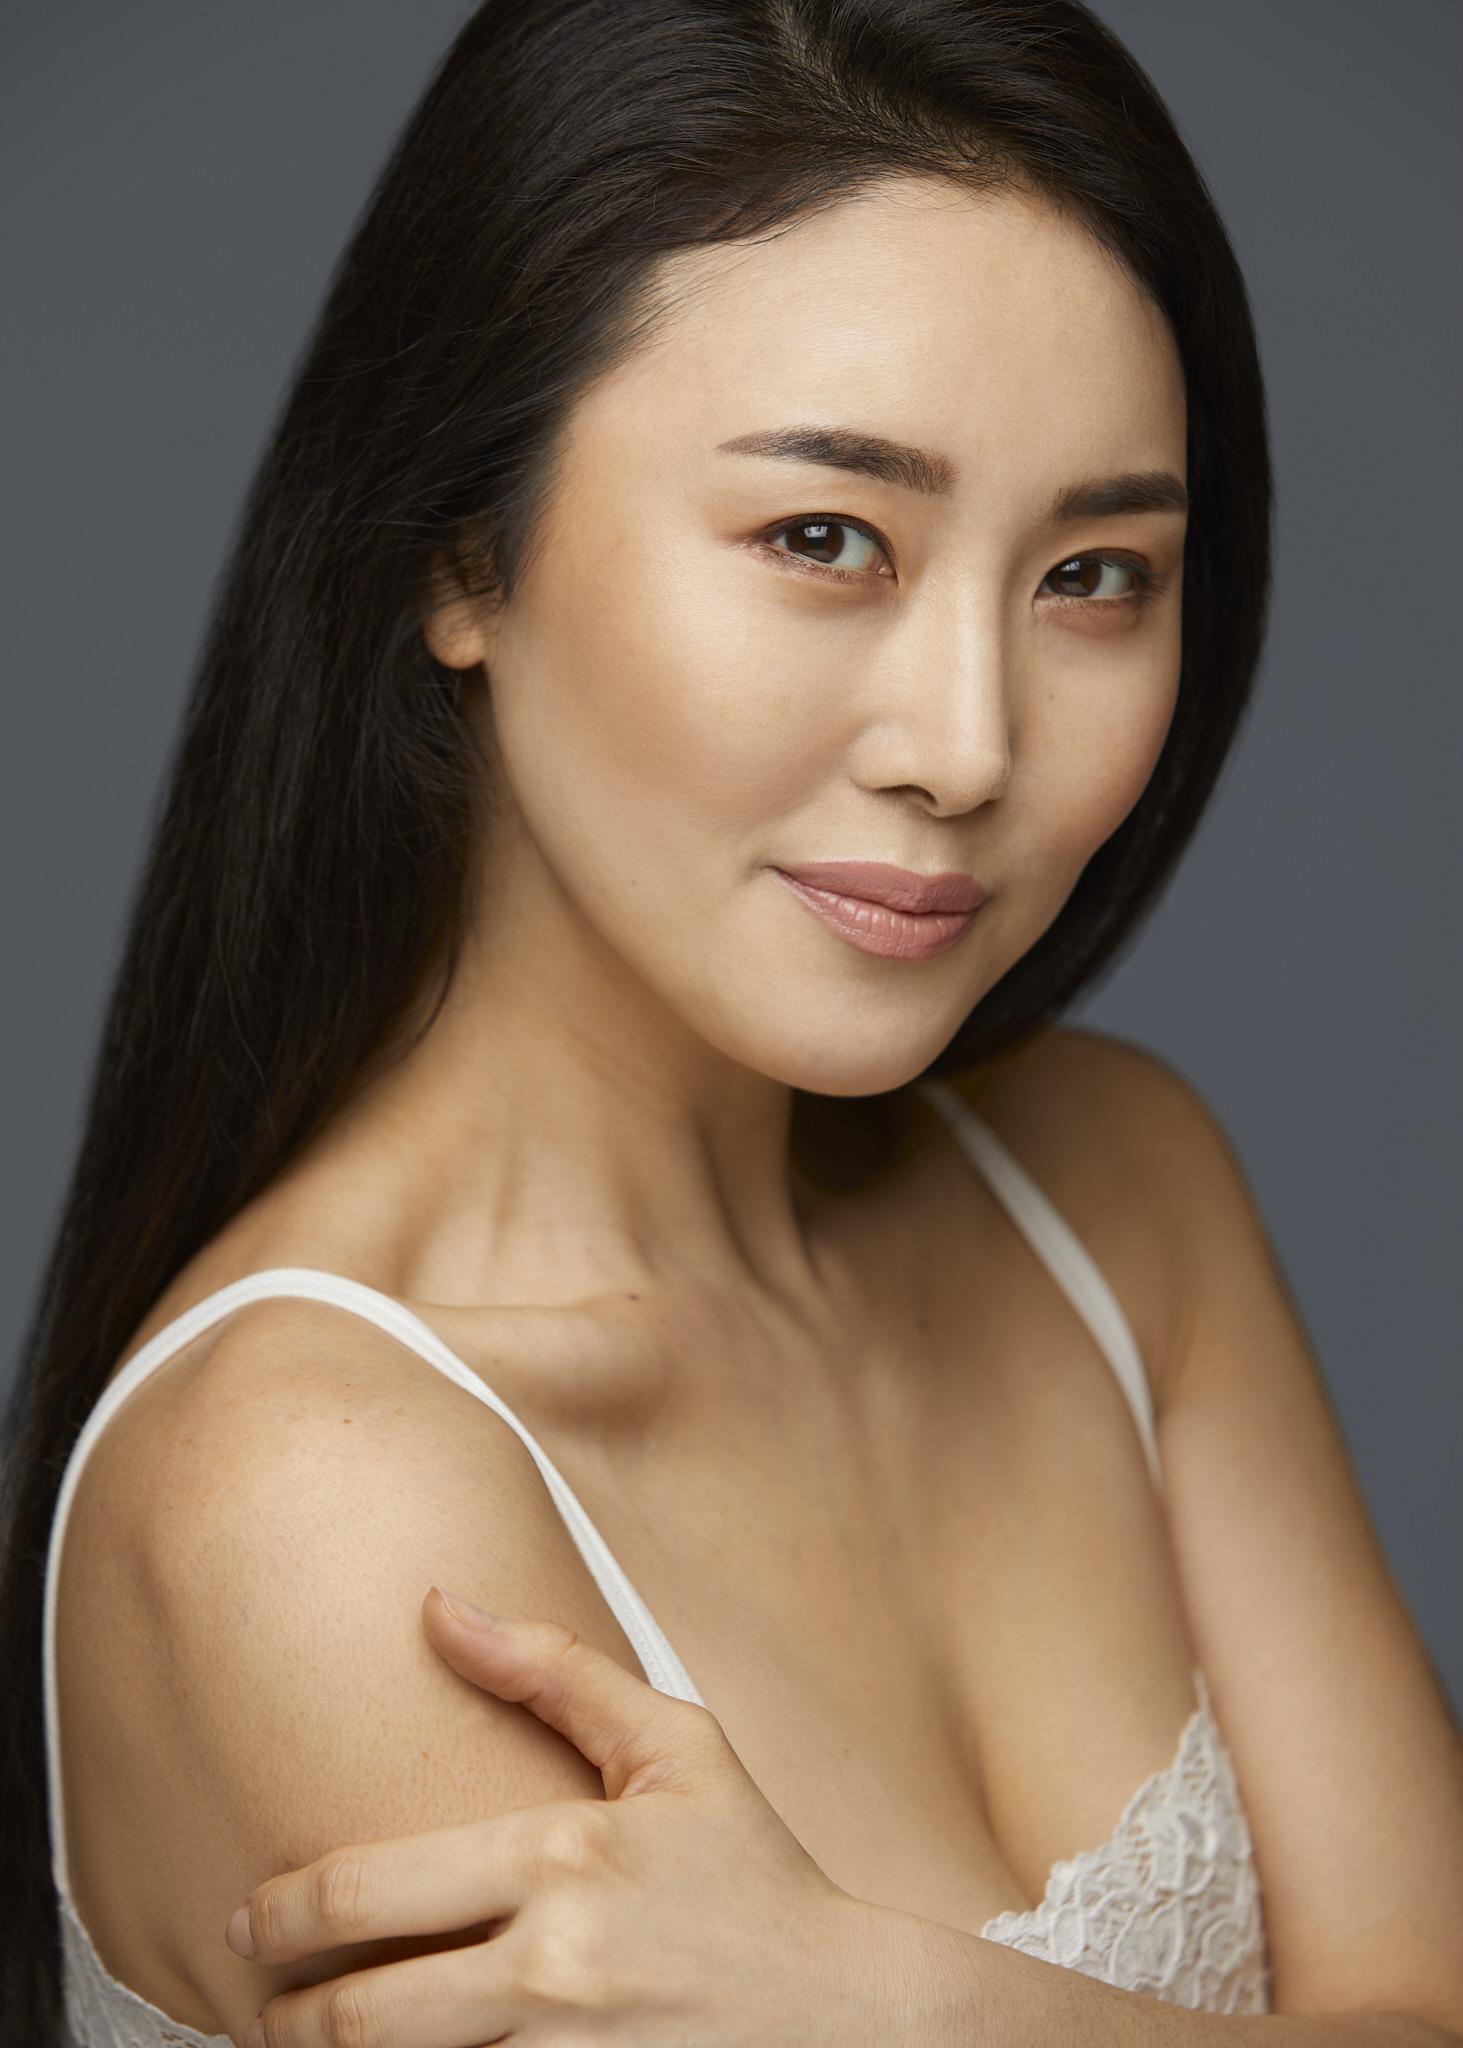 Eunni Cho_2018-04-25_0058_2048px_AdobeRGB.jpg